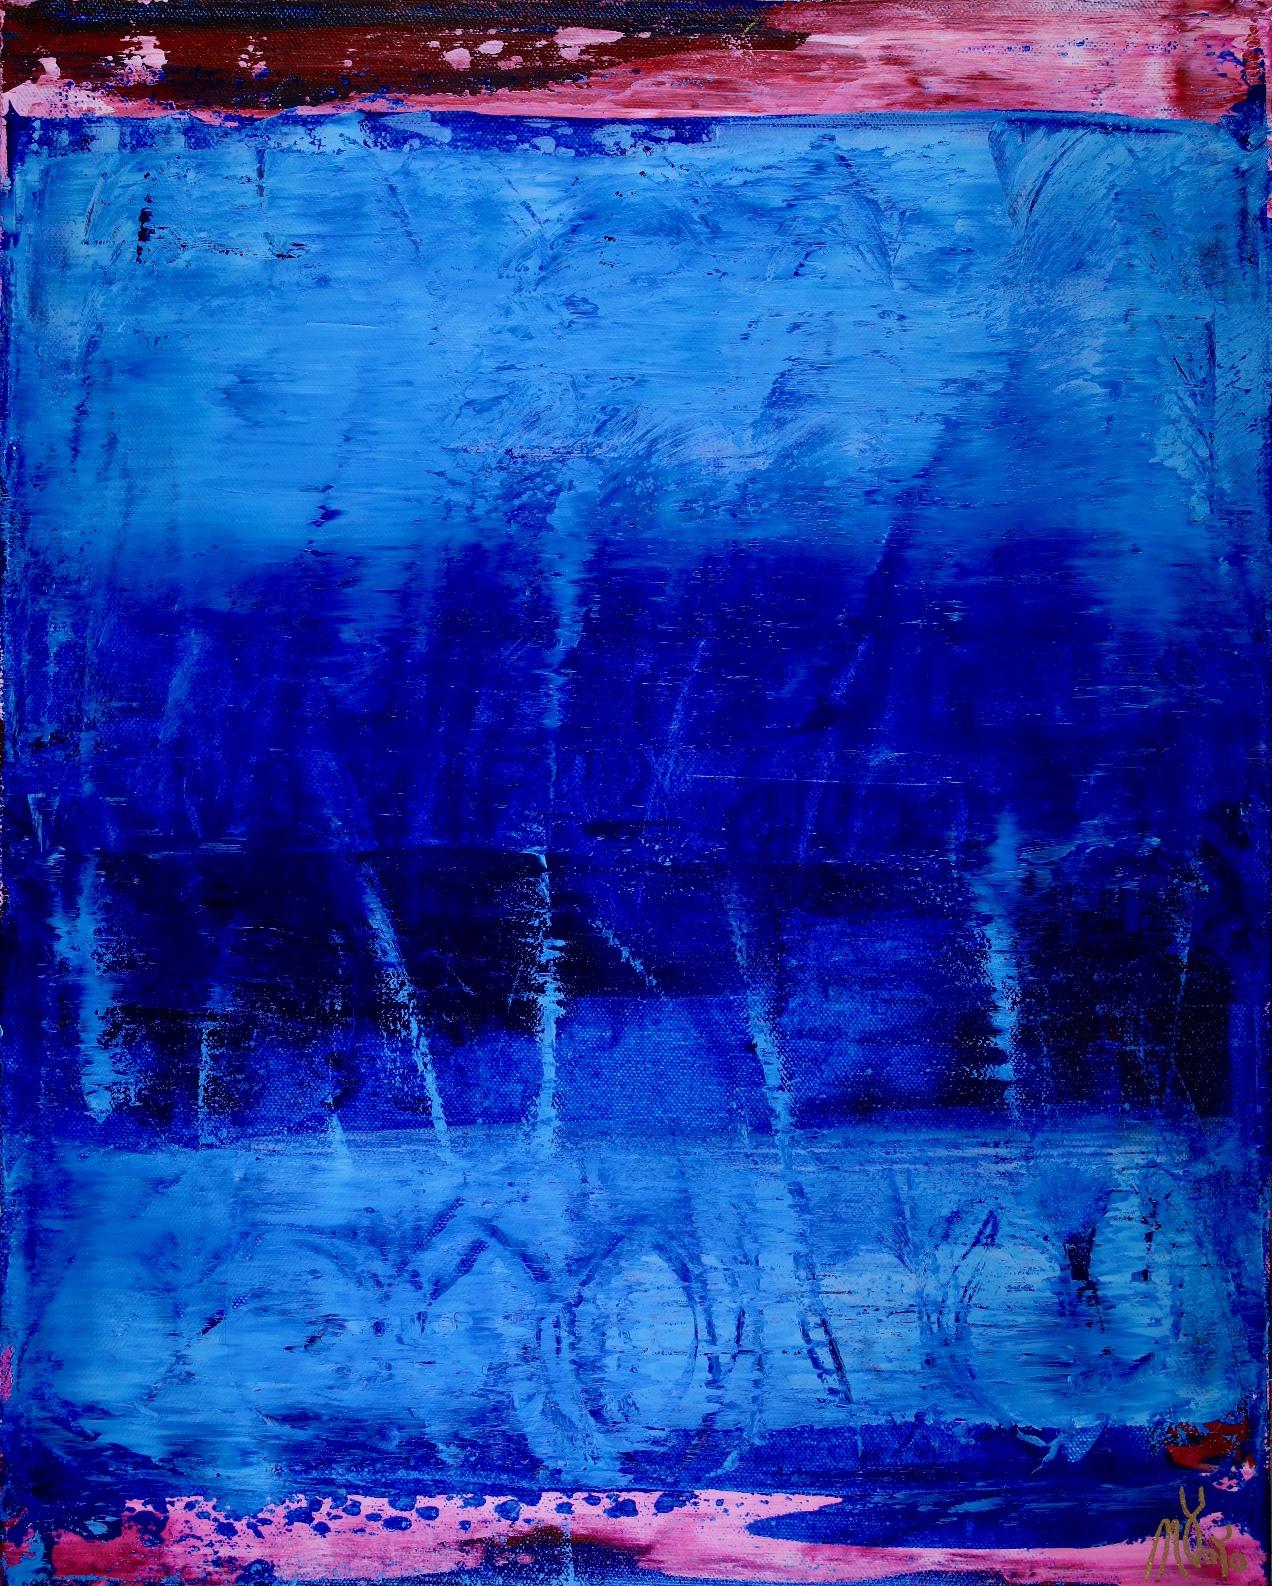 Celeste (Sky Blue) by Nestor Toro 2019 Los Angeles